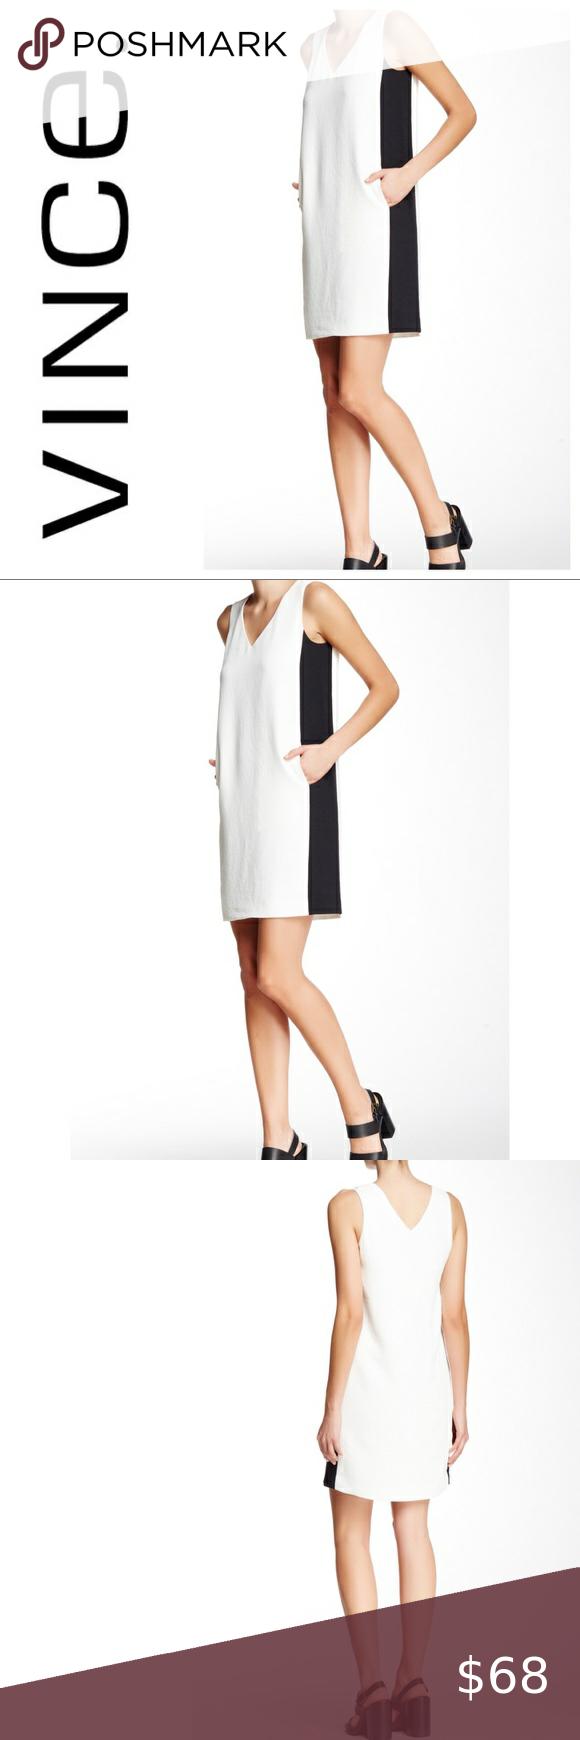 Vince Black And White Sleeveless V Neck Dress V Neck Dress Dresses Sleeveless [ 1740 x 580 Pixel ]